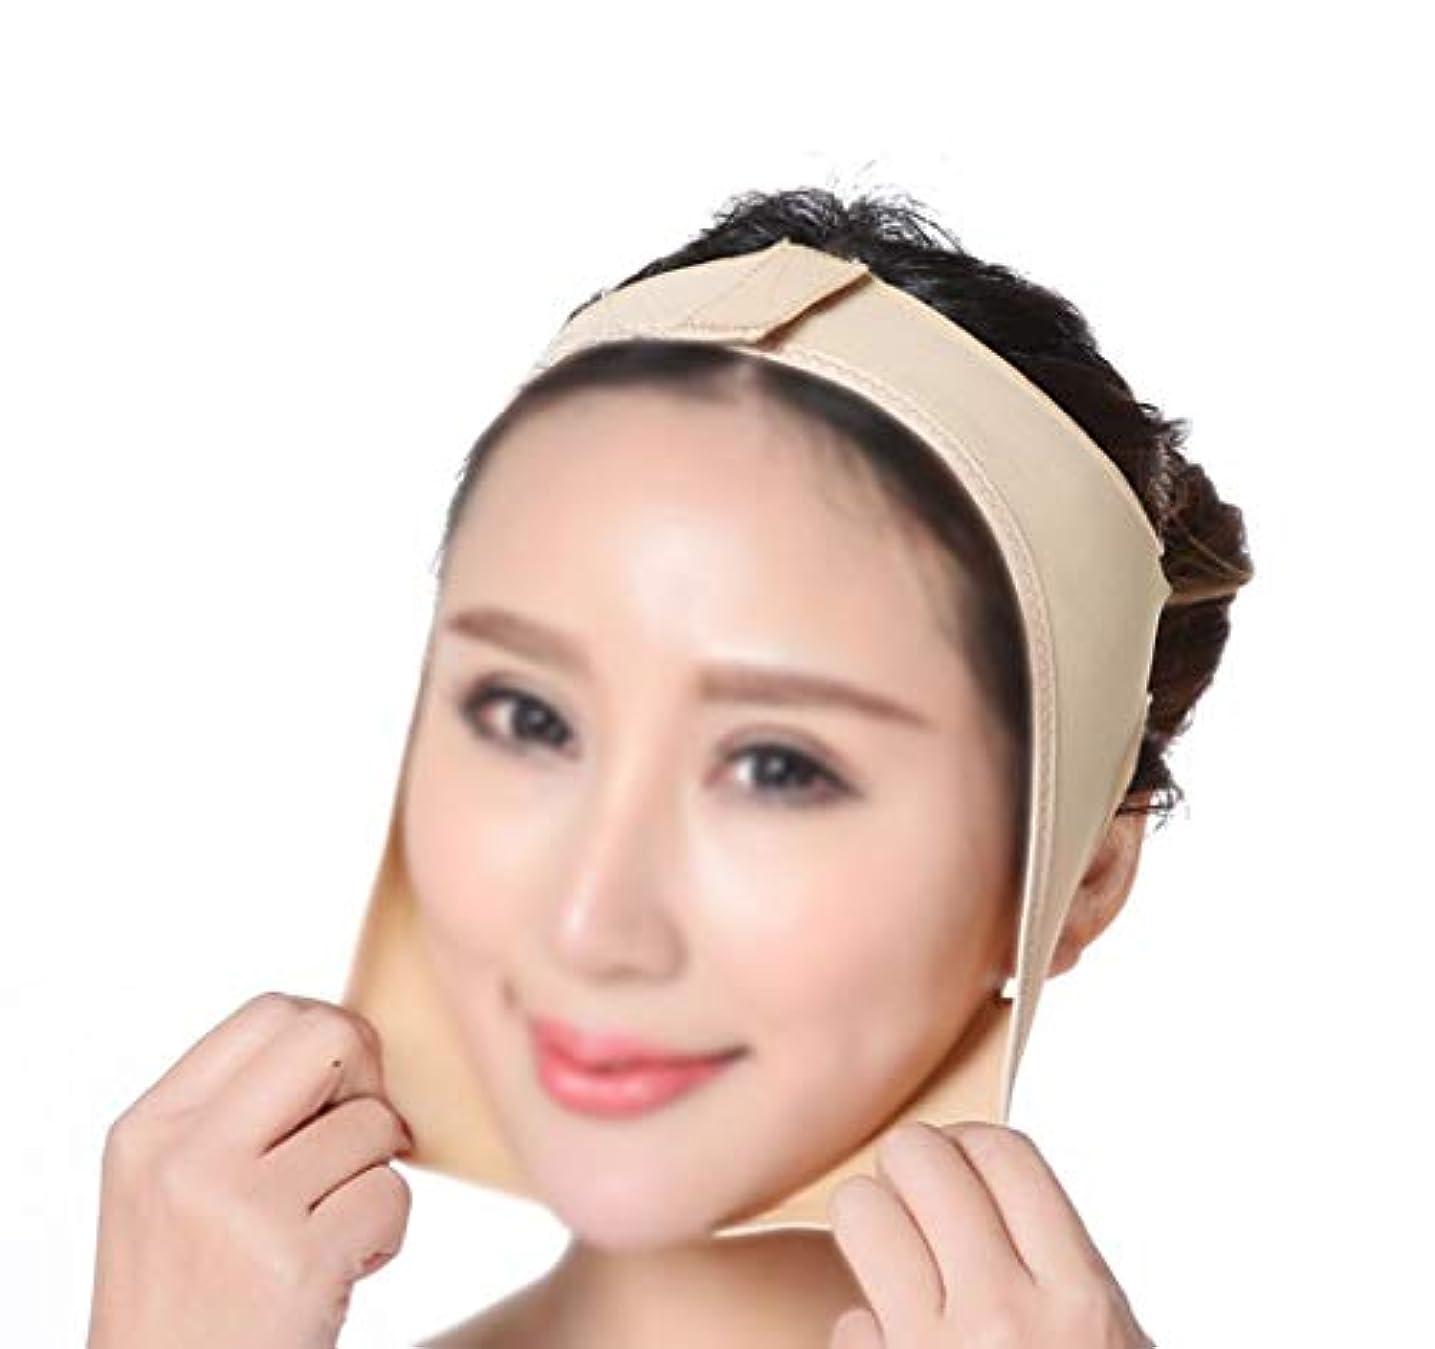 区別する退却遺産引き締めフェイスマスク、通気性フェイス包帯対フェイスデバイス睡眠薄いフェイスマスクフェイスマッサージ楽器フェイスリフティングフェイスリフティングツール (Size : S)